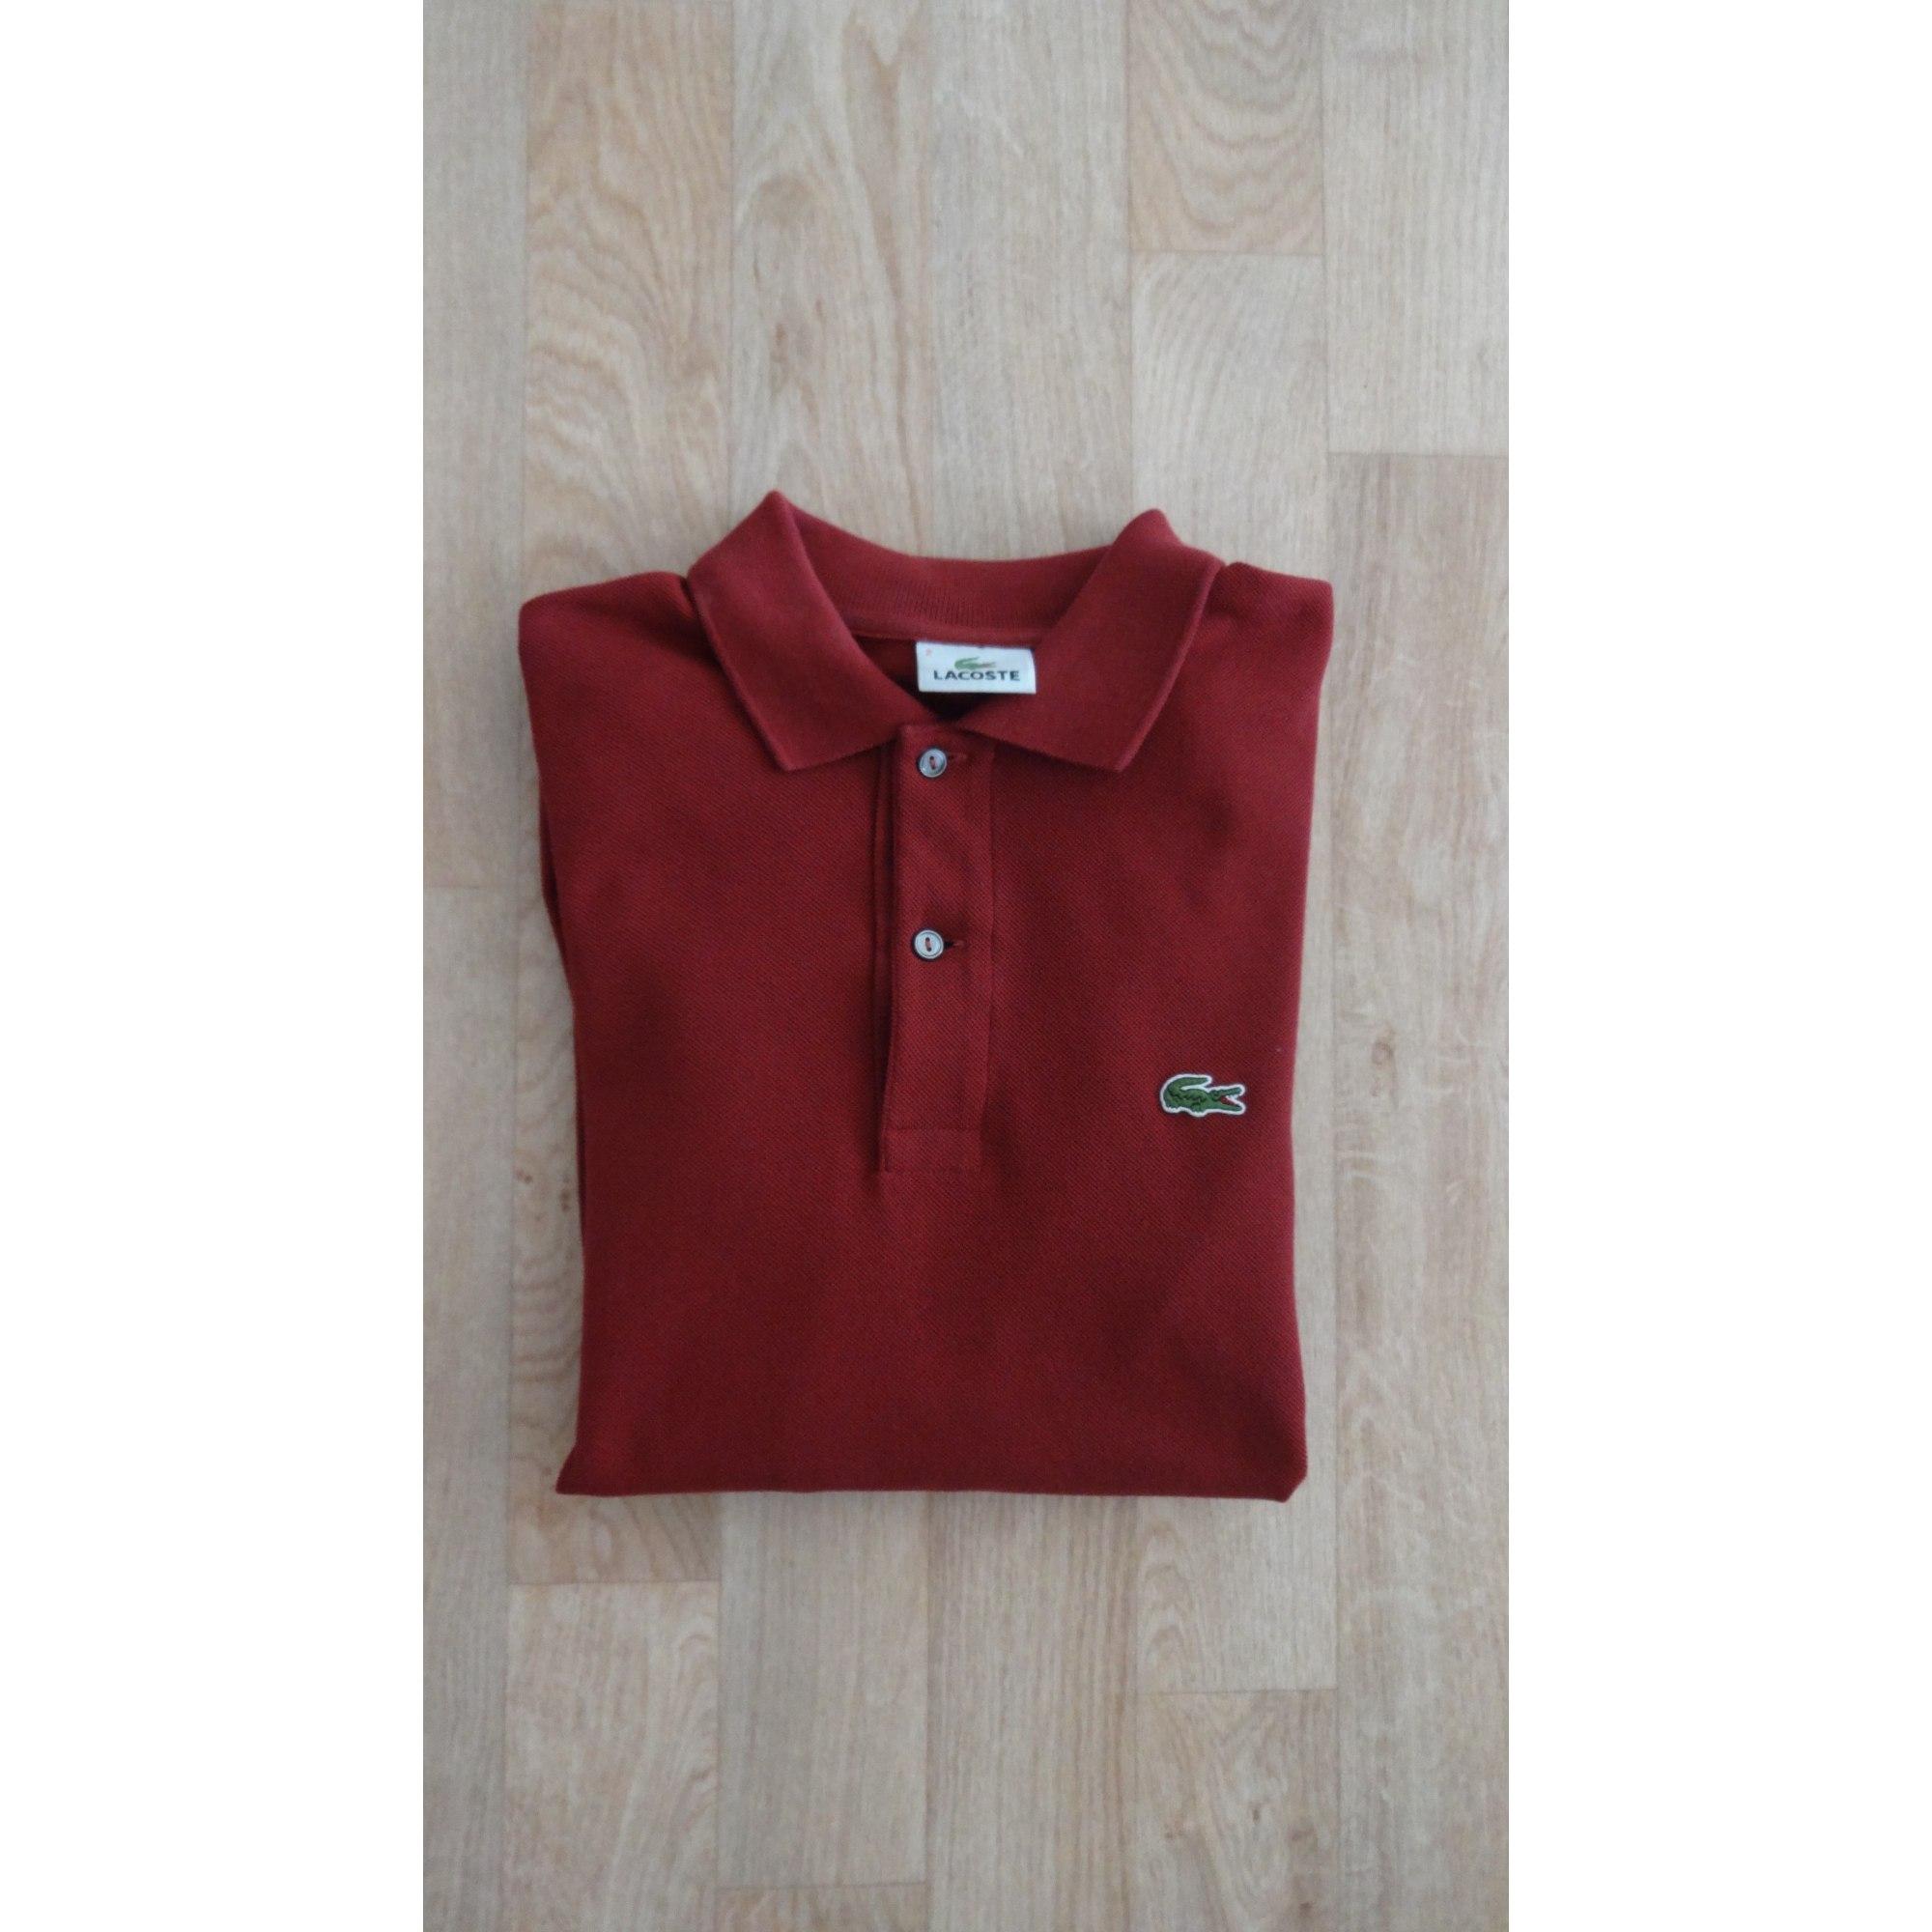 d04408ea324 Polo LACOSTE 1 (S) rouge vendu par Pierrelille - 3472153